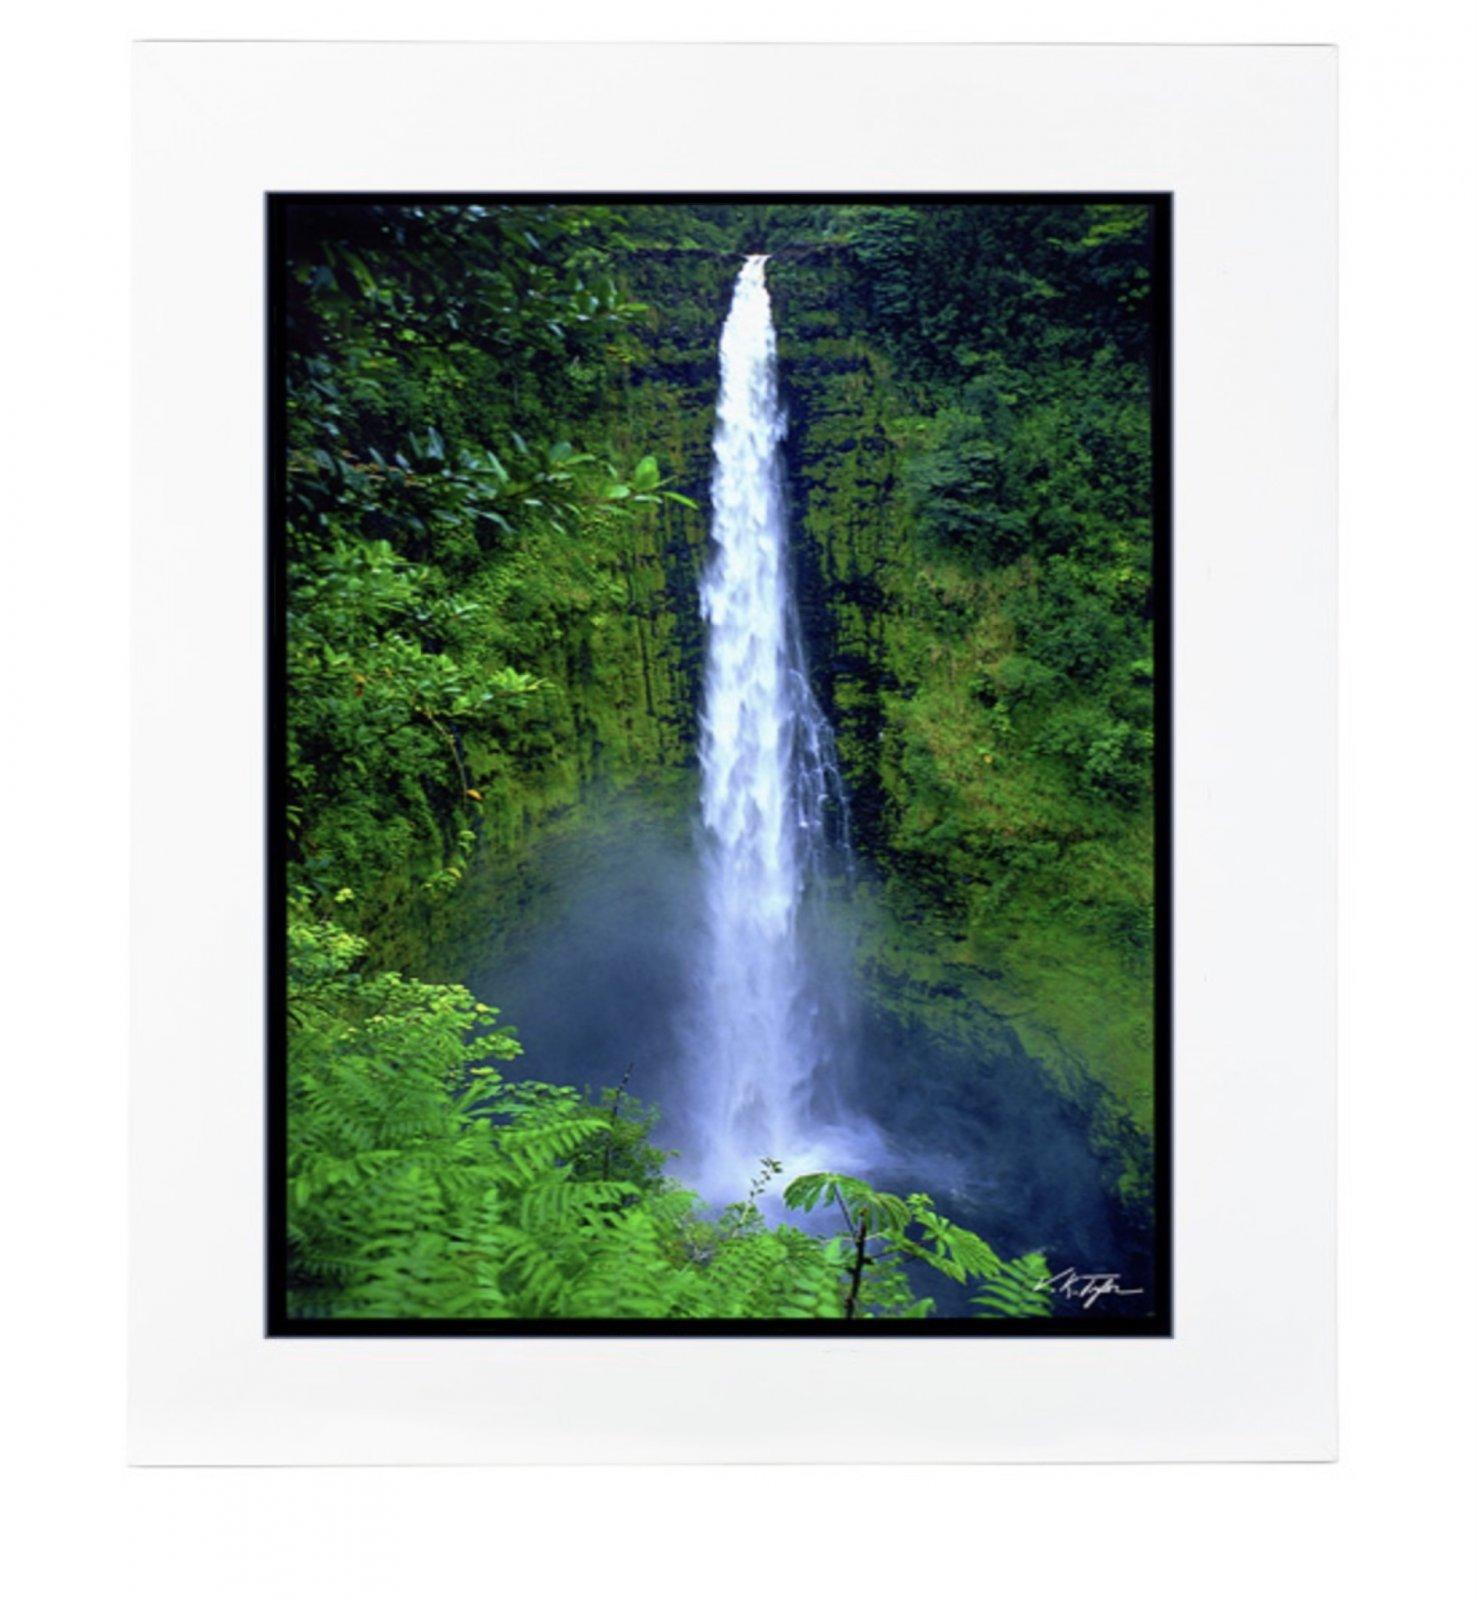 Photo > Akaka WaterFall with Foliage